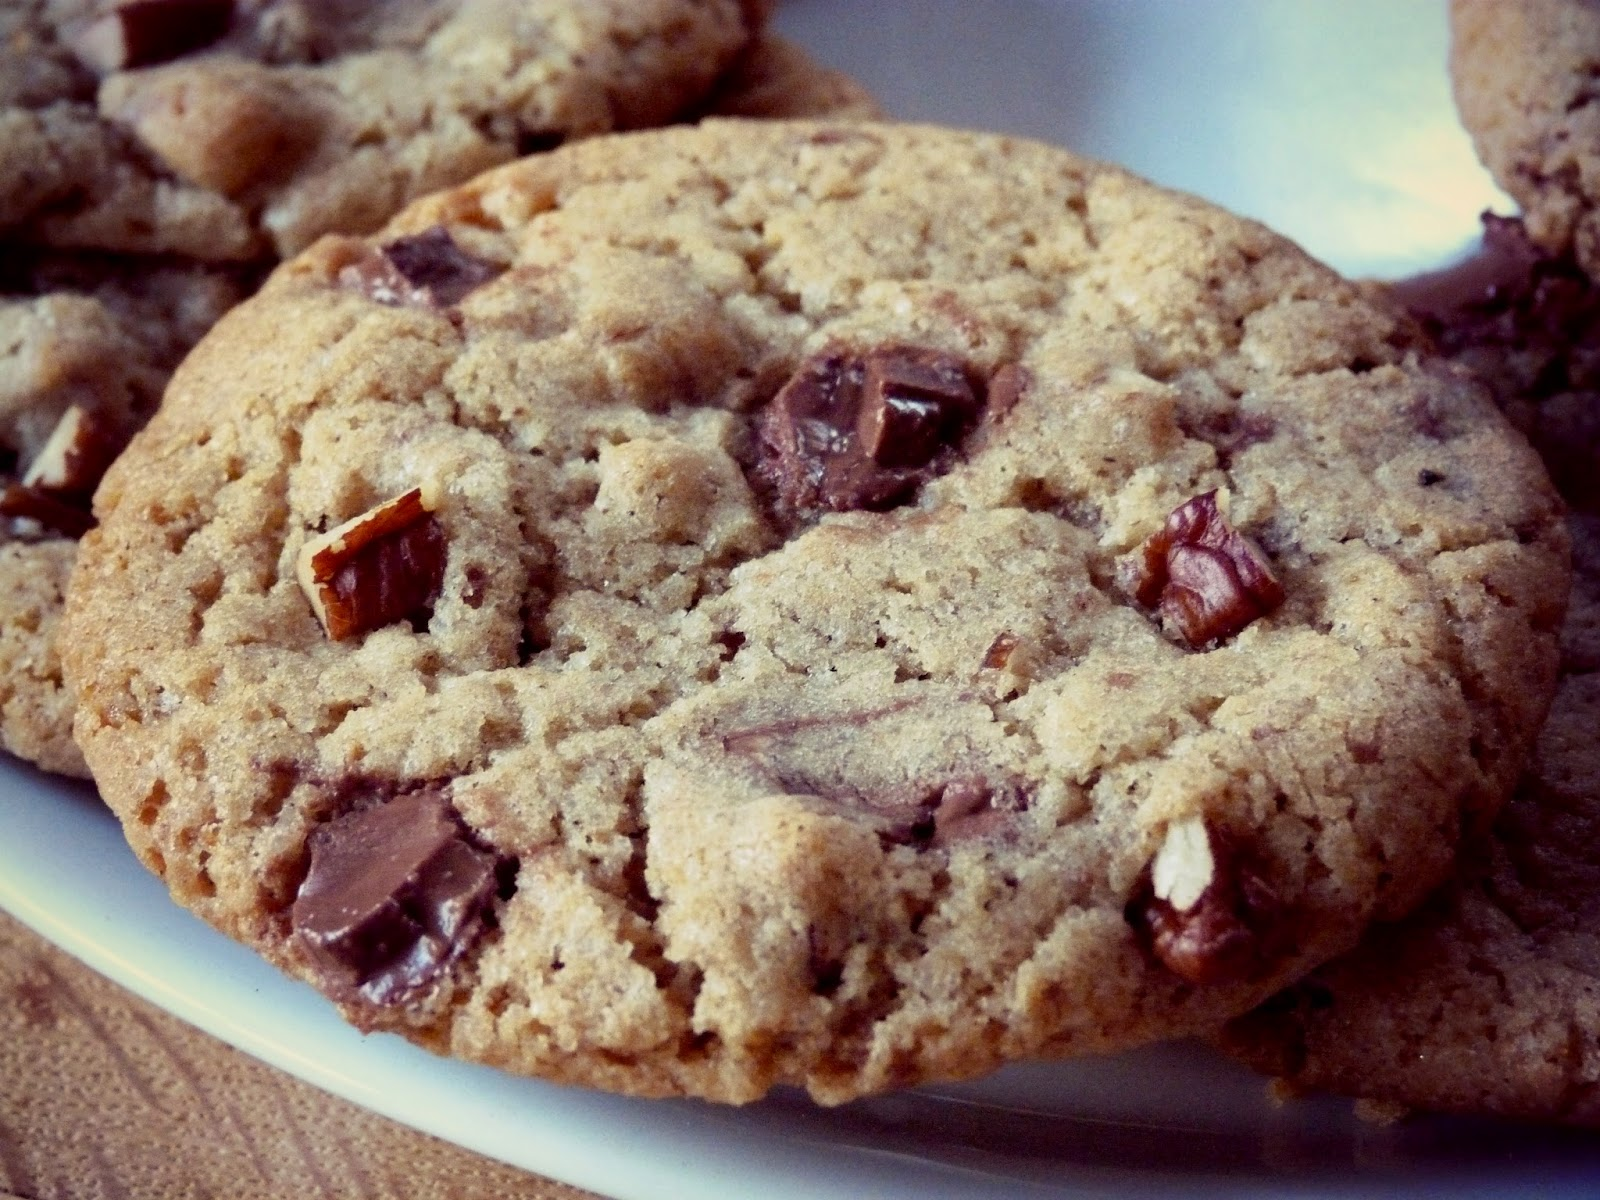 ma pignatta cookies chocolat au lait et noix de p can. Black Bedroom Furniture Sets. Home Design Ideas